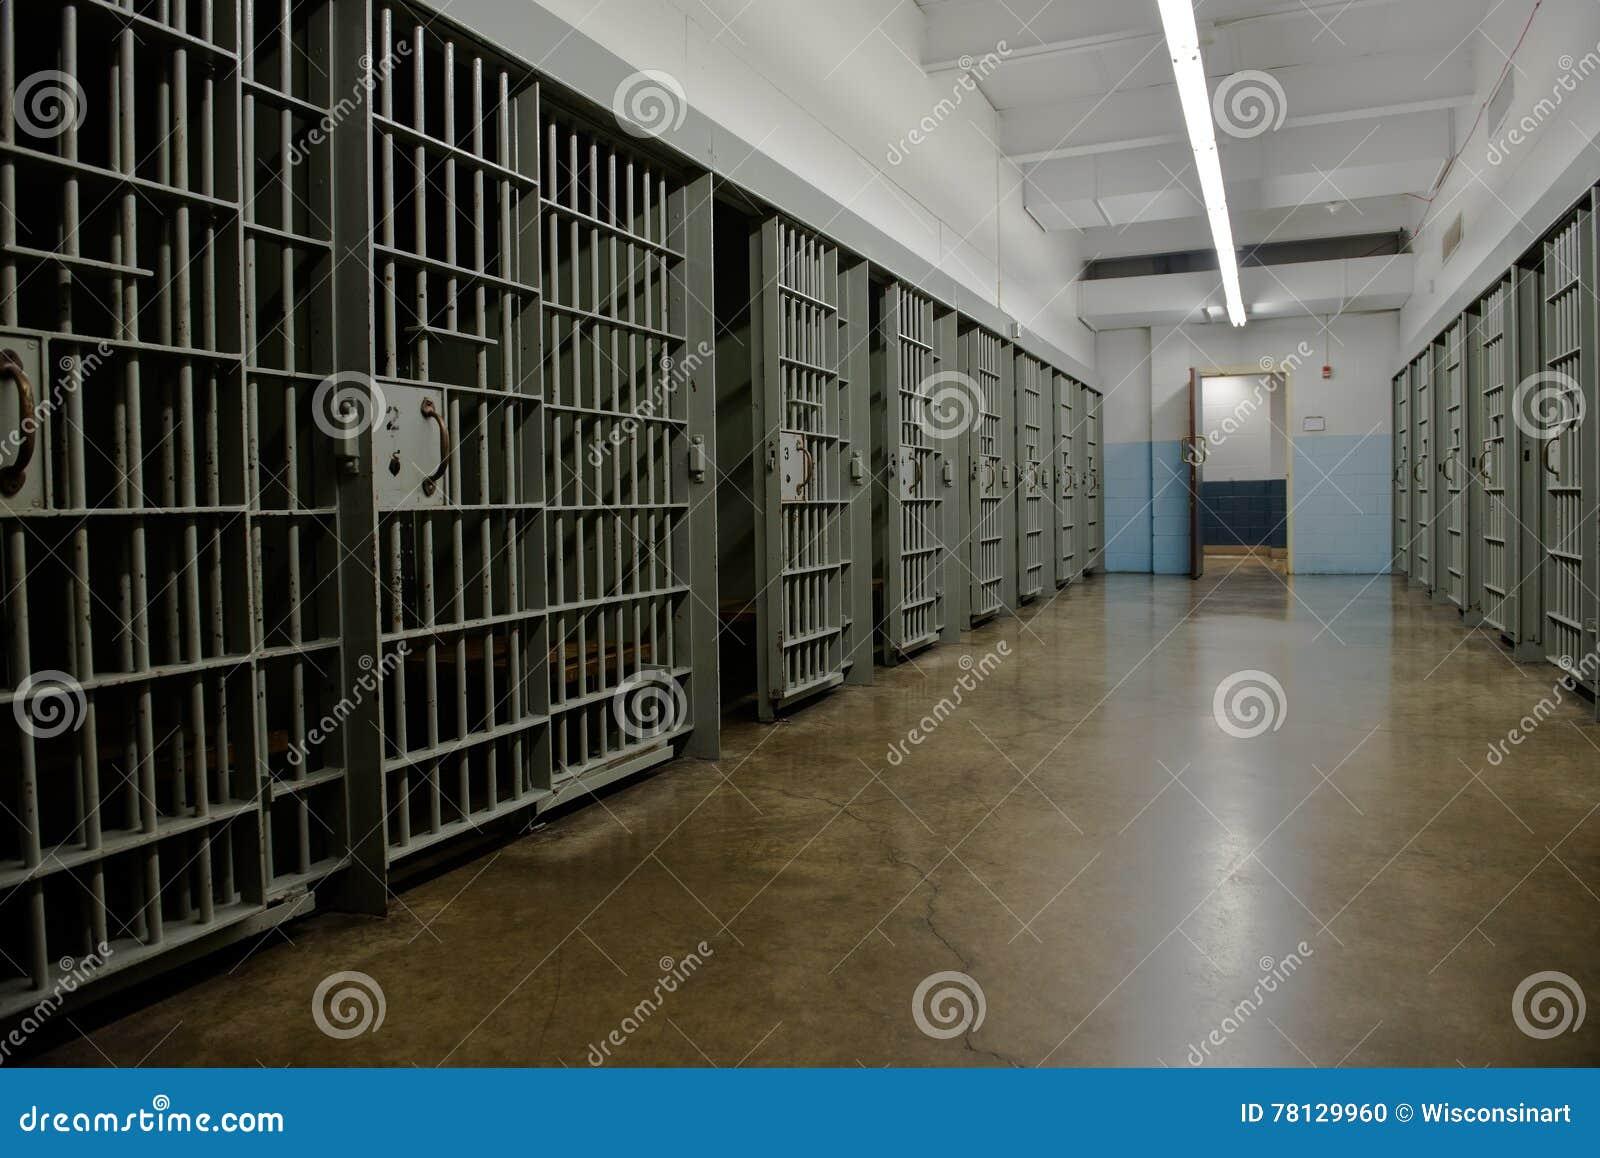 牢房,监狱,执法